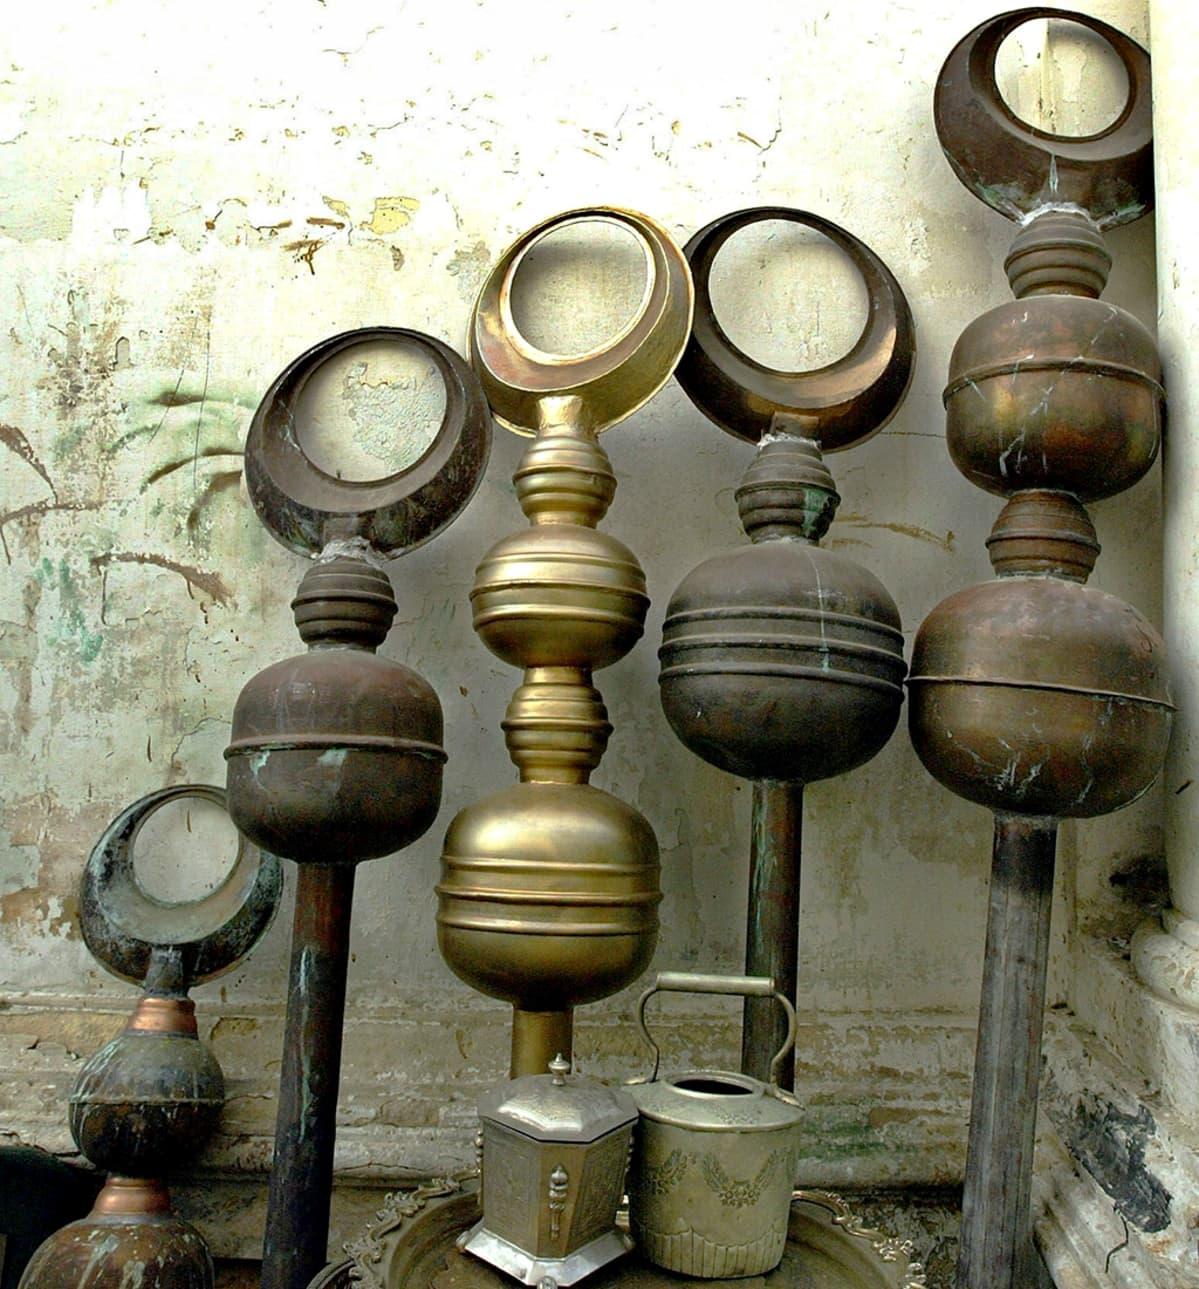 Islamin symboleja kuparista valmistettuna.